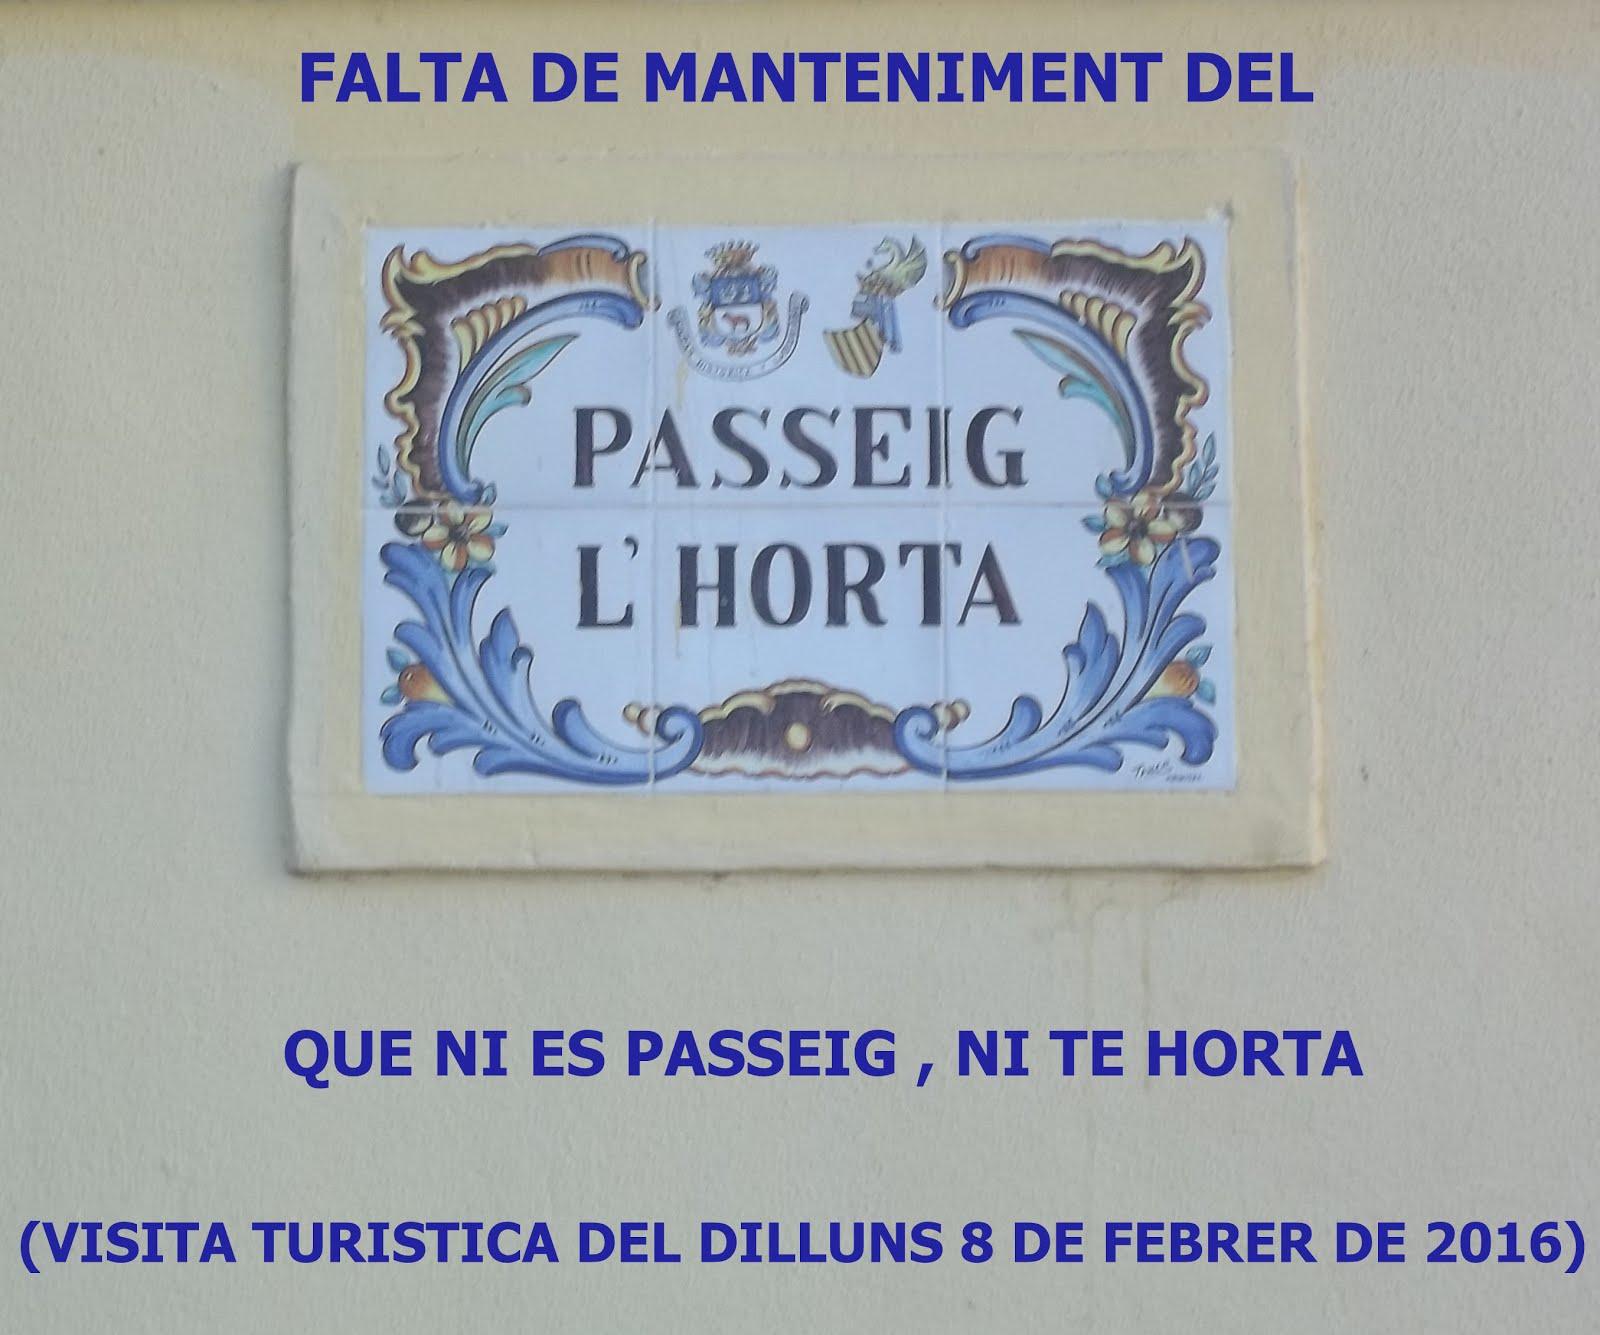 08.02.16 VISITA TURISTICA PEL PASSEIG DE L'HORTA